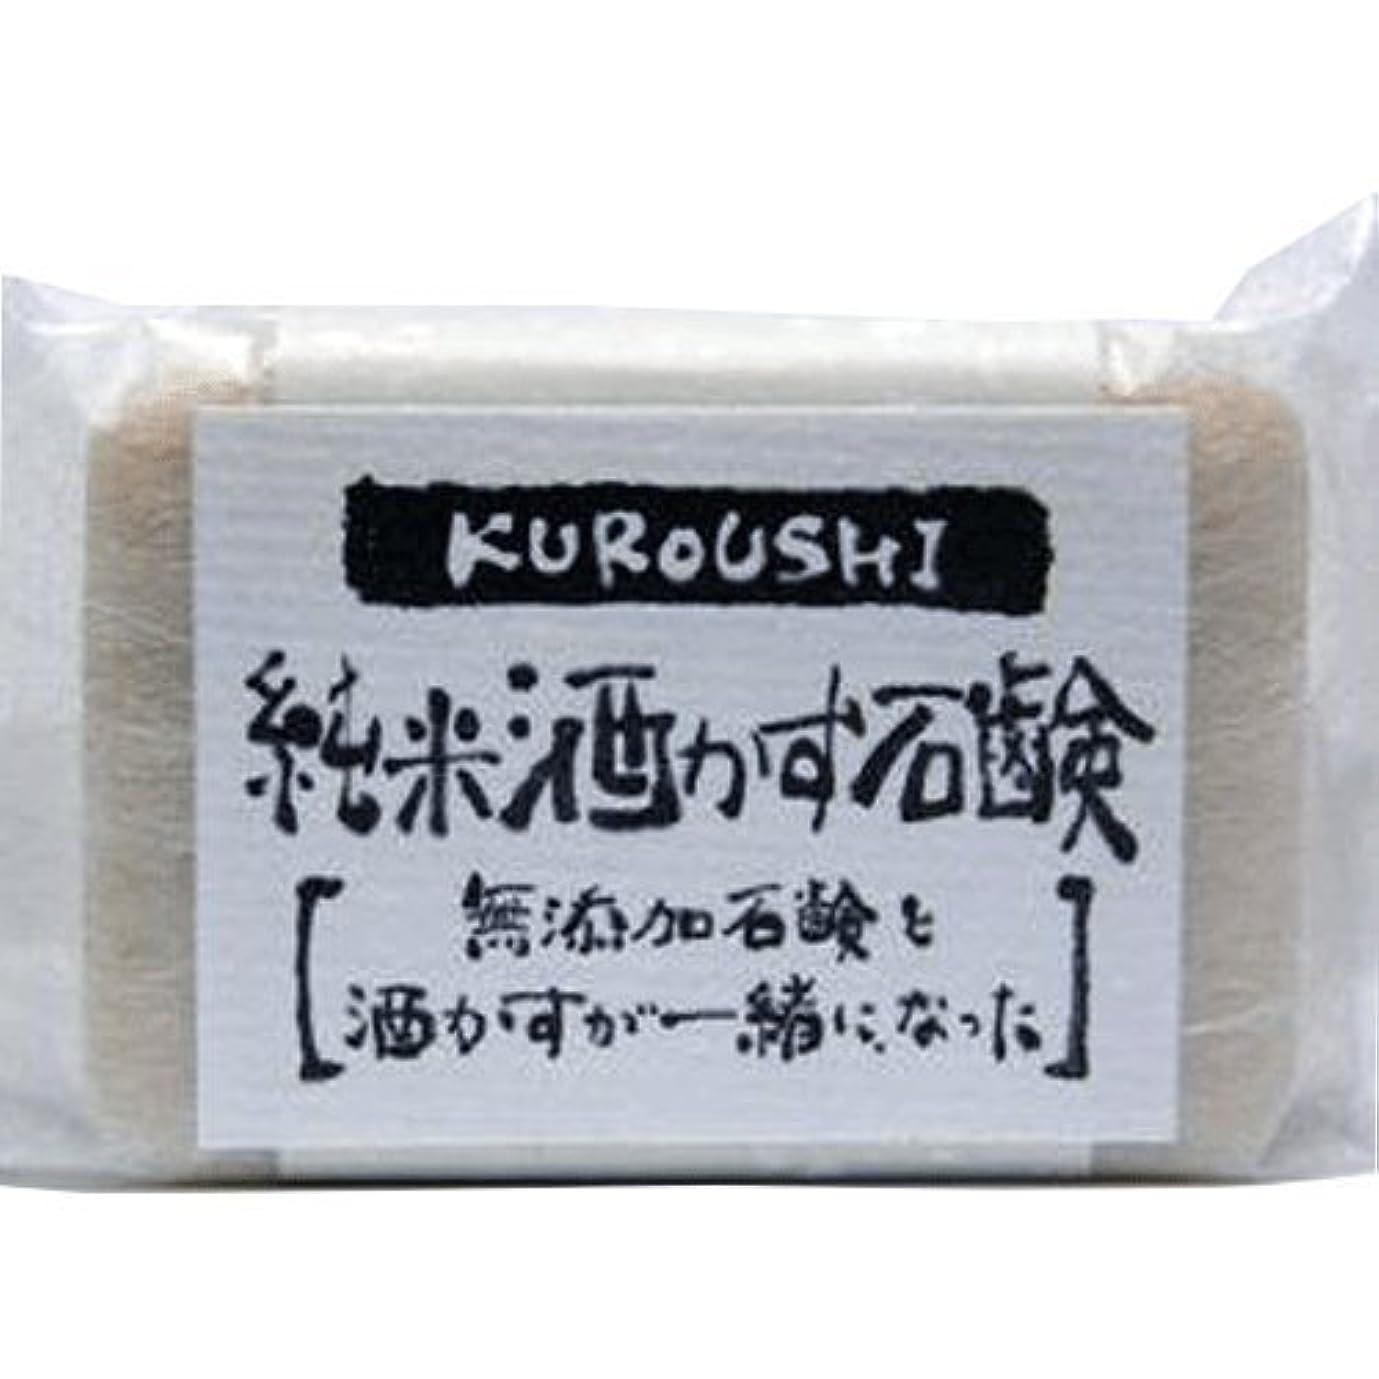 素子ワックス実験KUROUSHI 純米酒かす 無添加石鹸(せっけん) 120g 6個セット